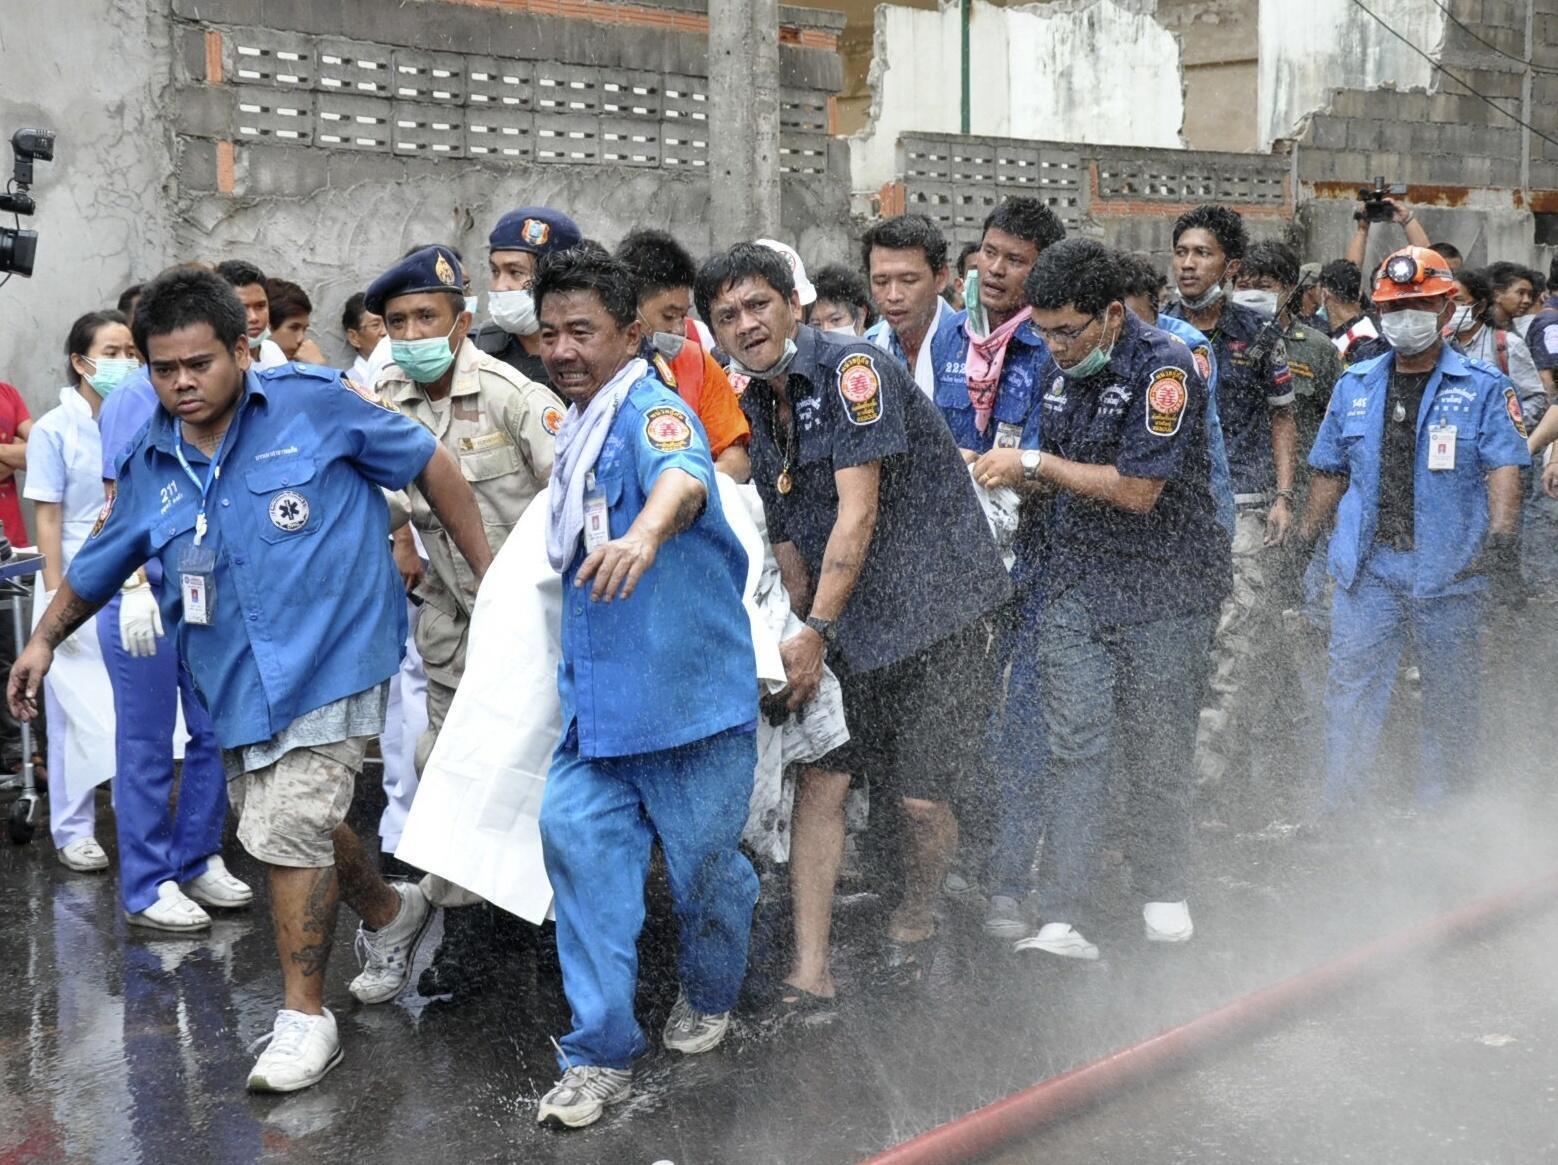 Cứu hộ nạn nhân vụ đánh bom khách sạn Lee Gardens Plaza tại thành phố Hat Yai do lực lượng Hồi giáo ly khai miền Nam Thái Lan thực hiện hôm 31/03/2012.